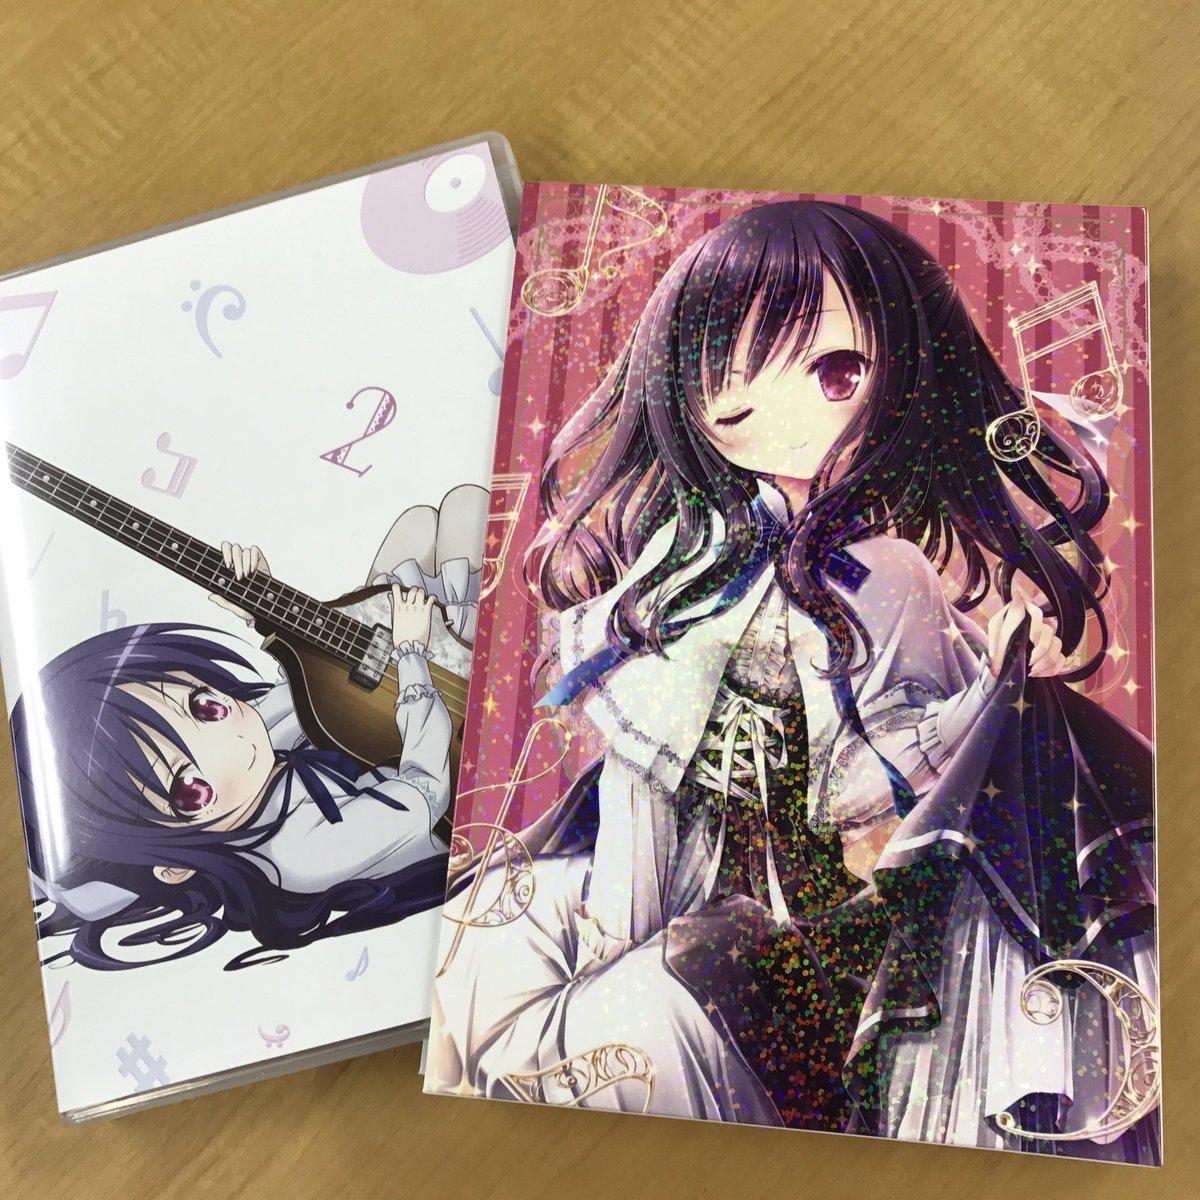 【BD&DVD】そして第2巻のサンプルが届きました♪2巻の三方背ケースもキラキラした加工になってます♪11月2日発売ですのでお楽しみに!   #tenshino3p